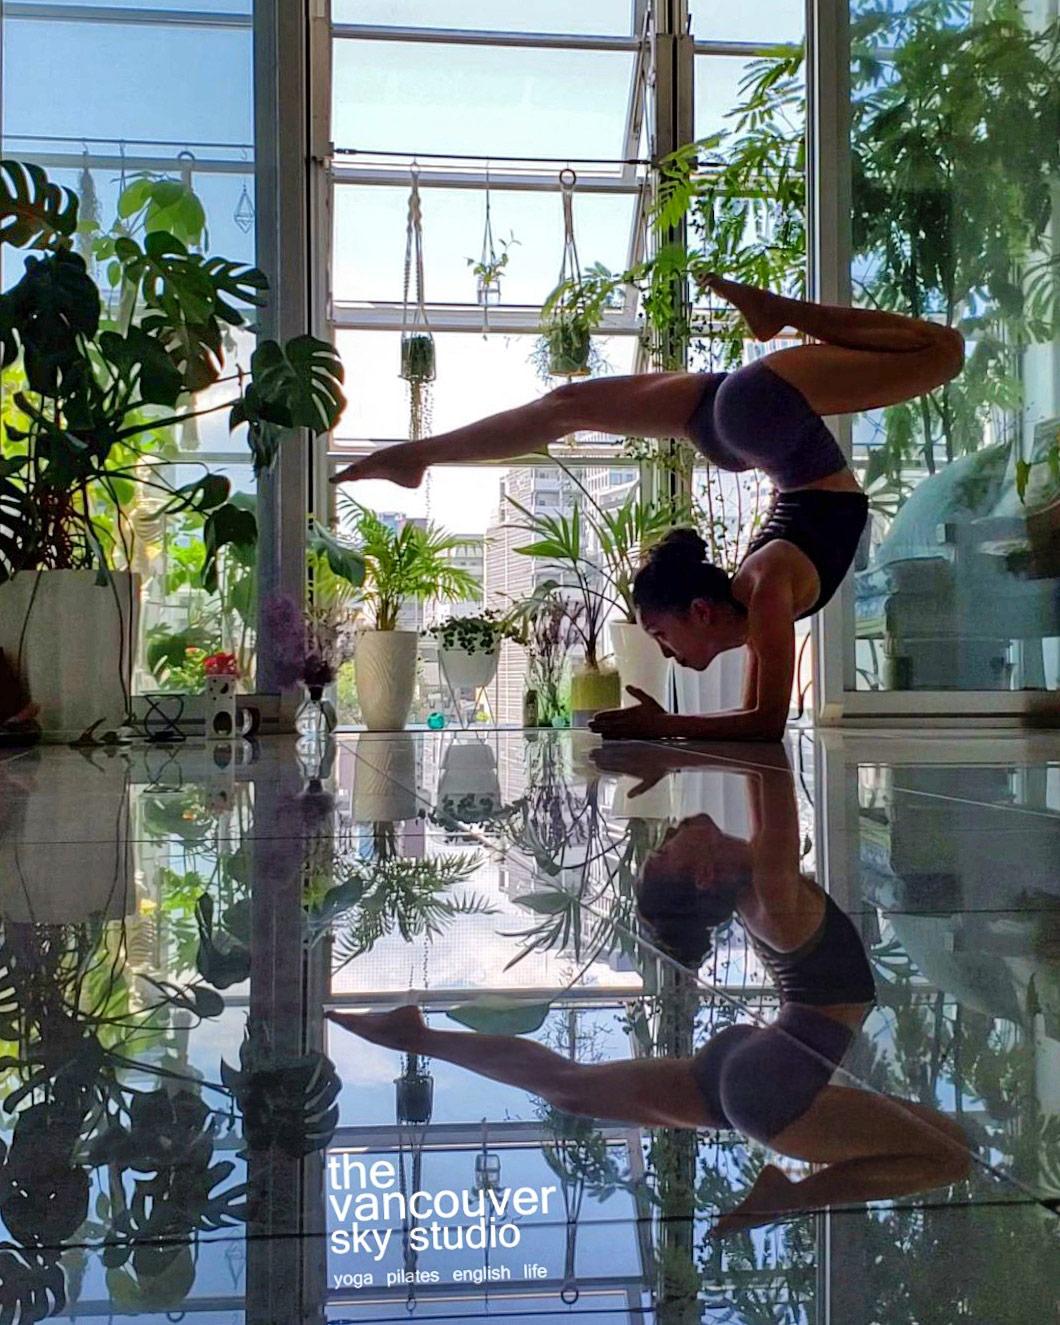 バンクーバースカイスタジオへようこそ! Welcome to The VANCOUVER SKY STUDIO! 大阪ヨガスタジオ osaka yoga studio